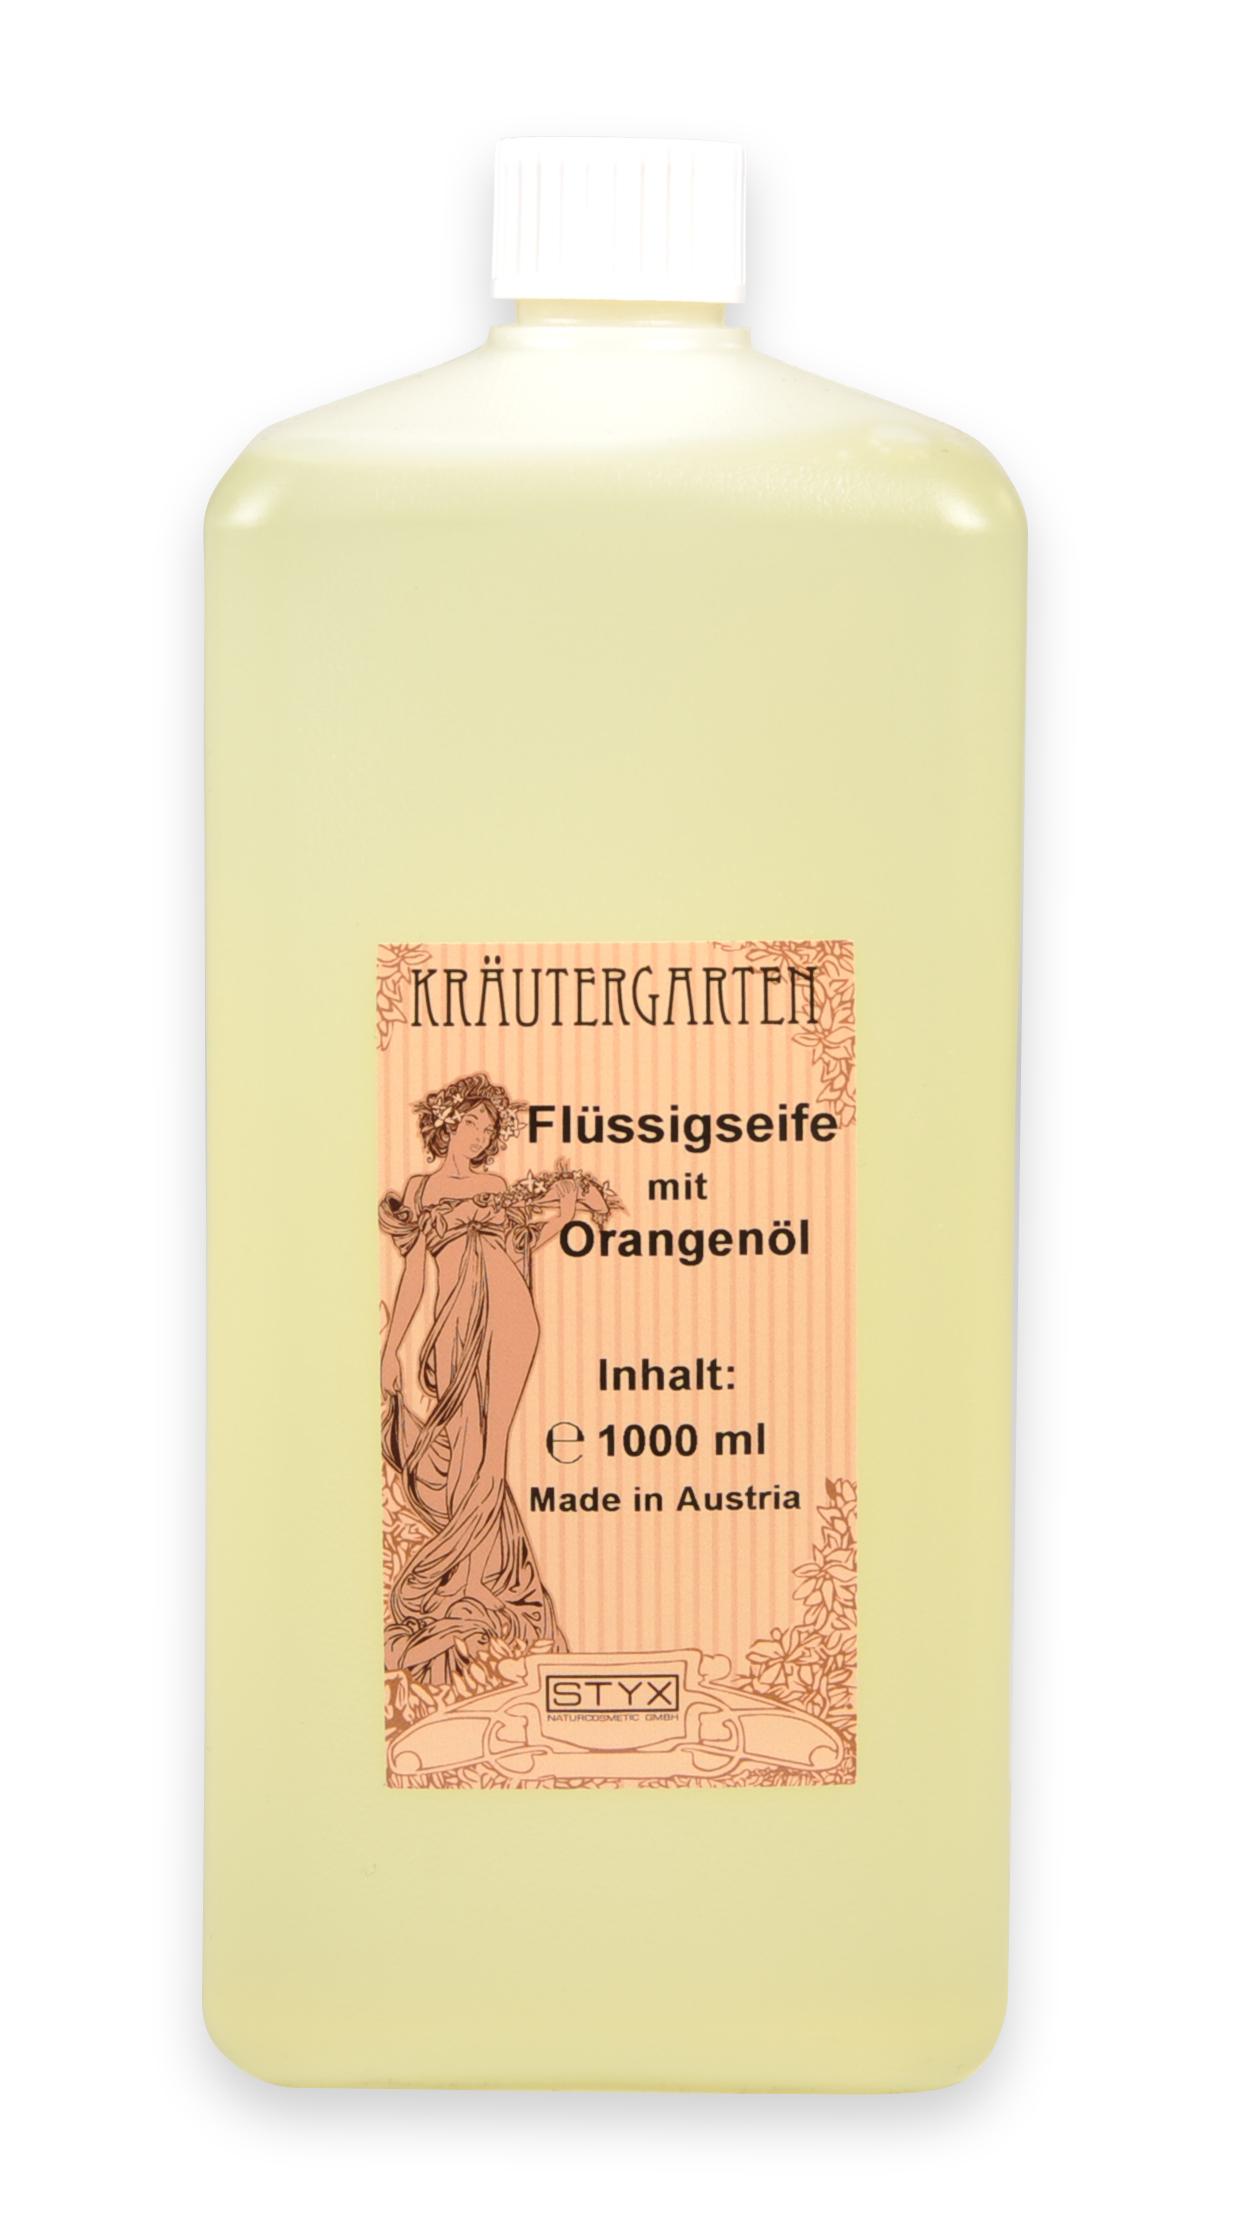 Flüssigseife mit Orangenöl 1 Liter